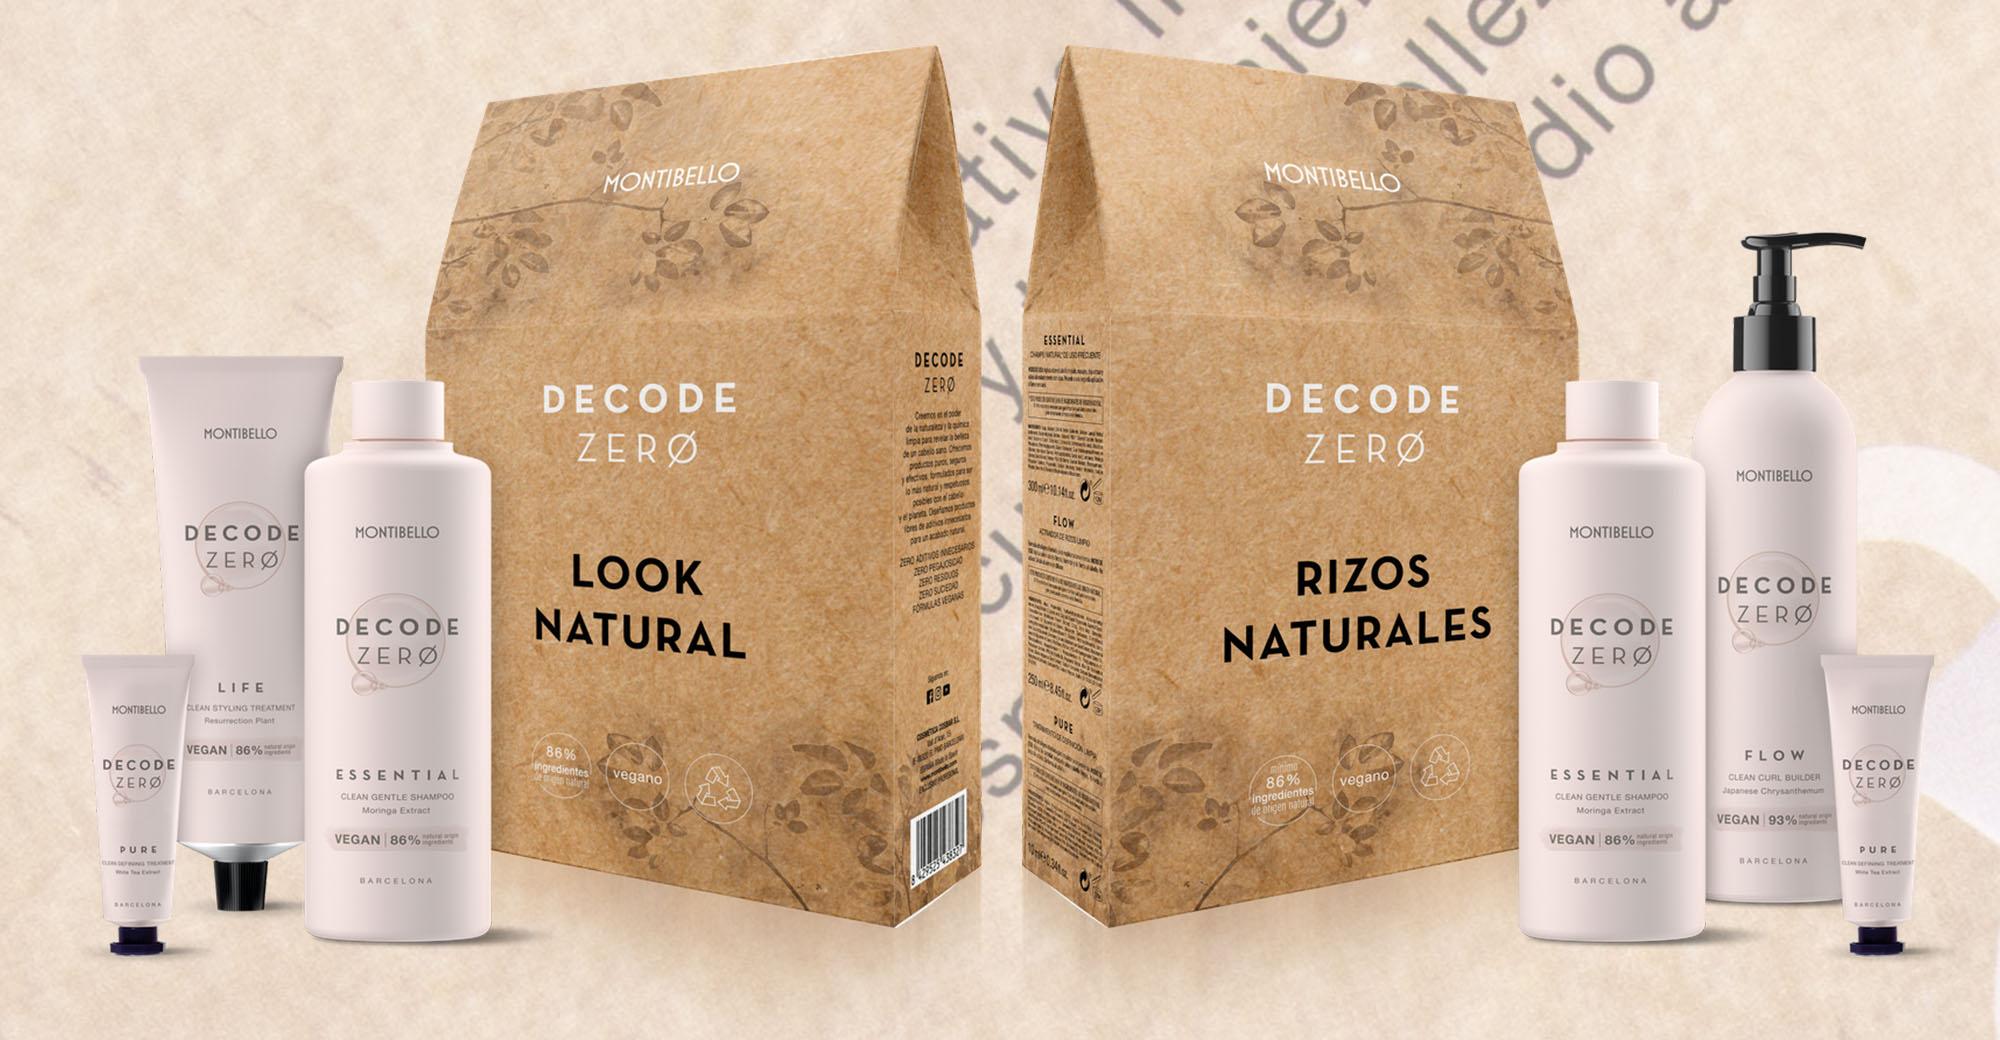 PACKS DE NAVIDAD DECODE ZERO DE MONTIBELLO